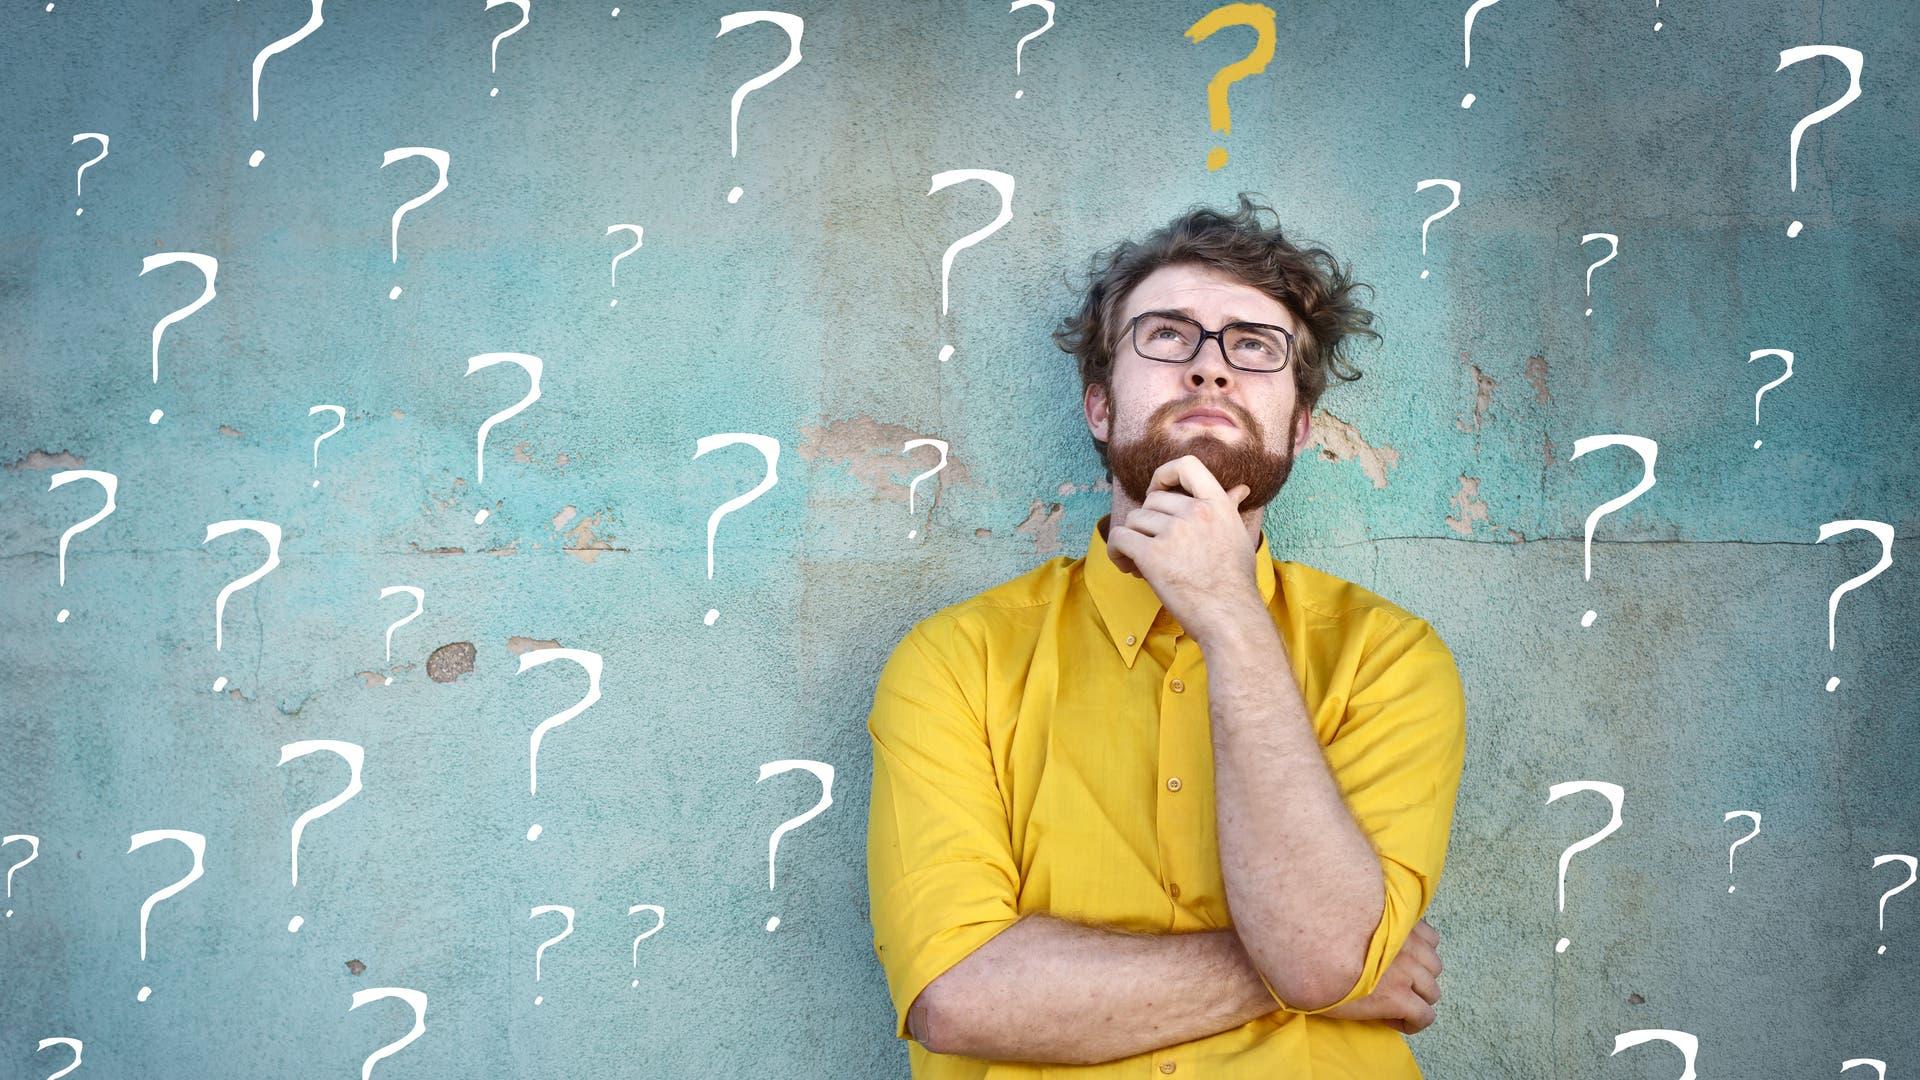 Mann vor einer mit Fragezeichen bemalten Wand.